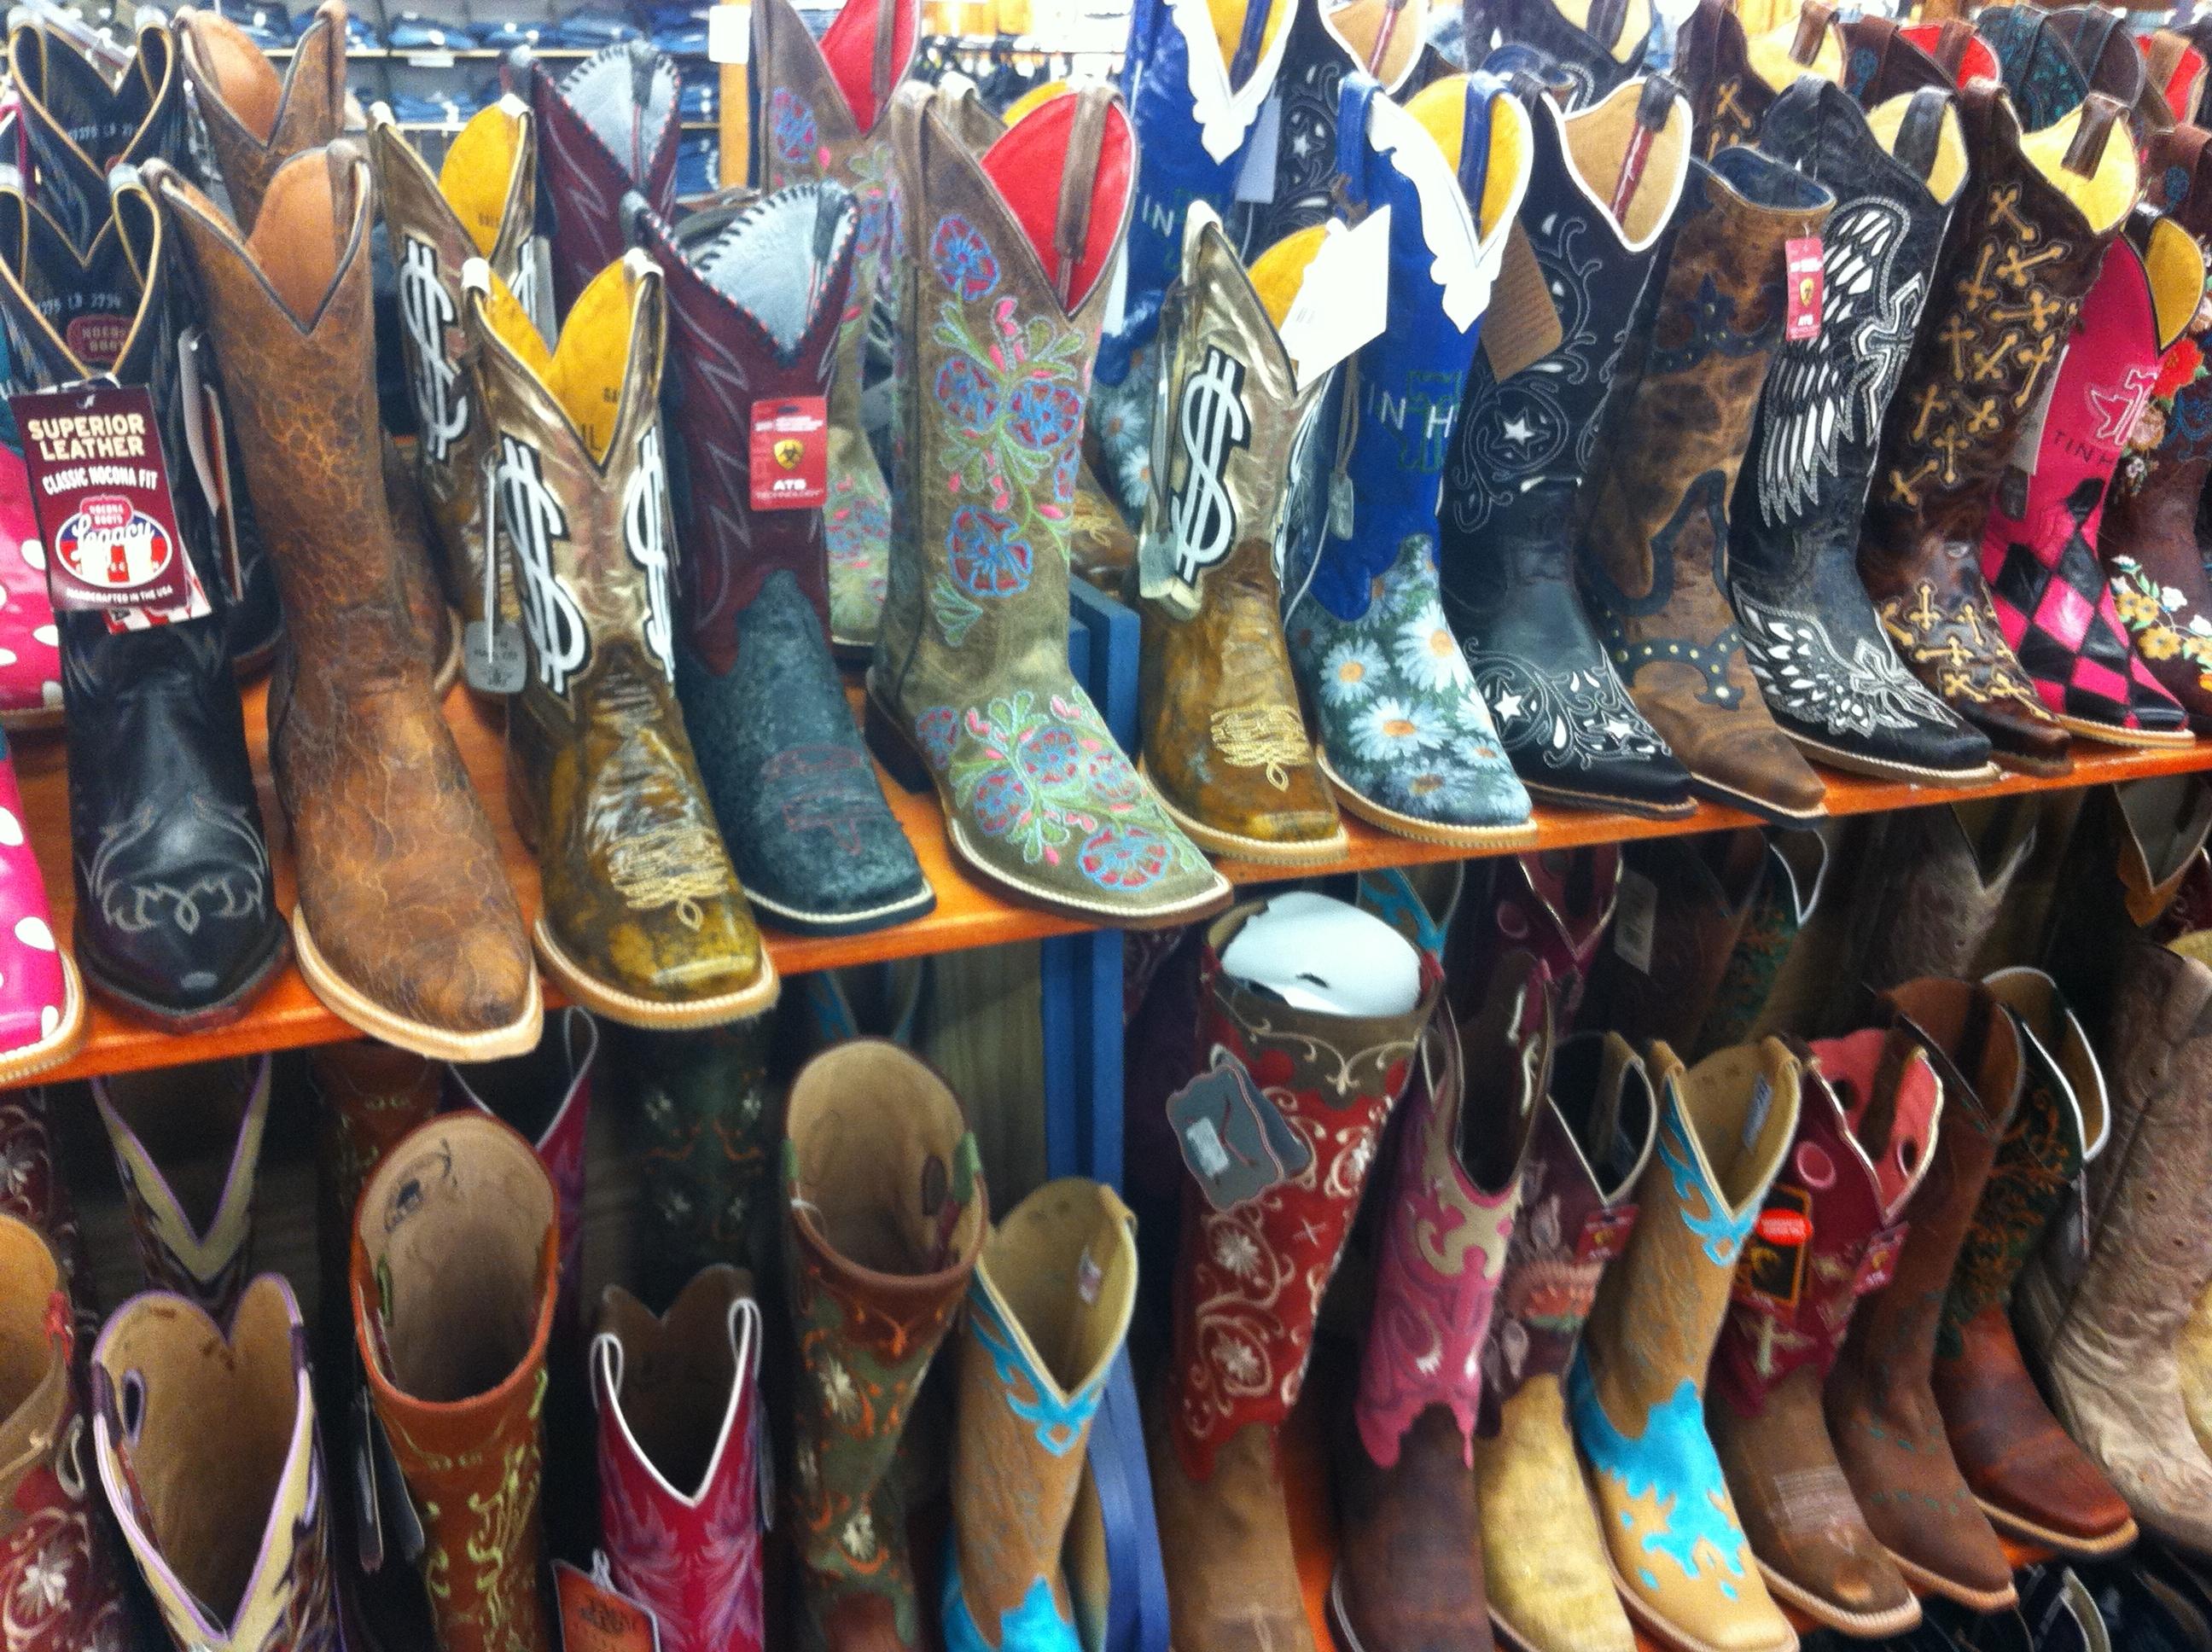 Shoe Brand Size Conversion Chart: Cowboy boot - Wikipedia,Chart